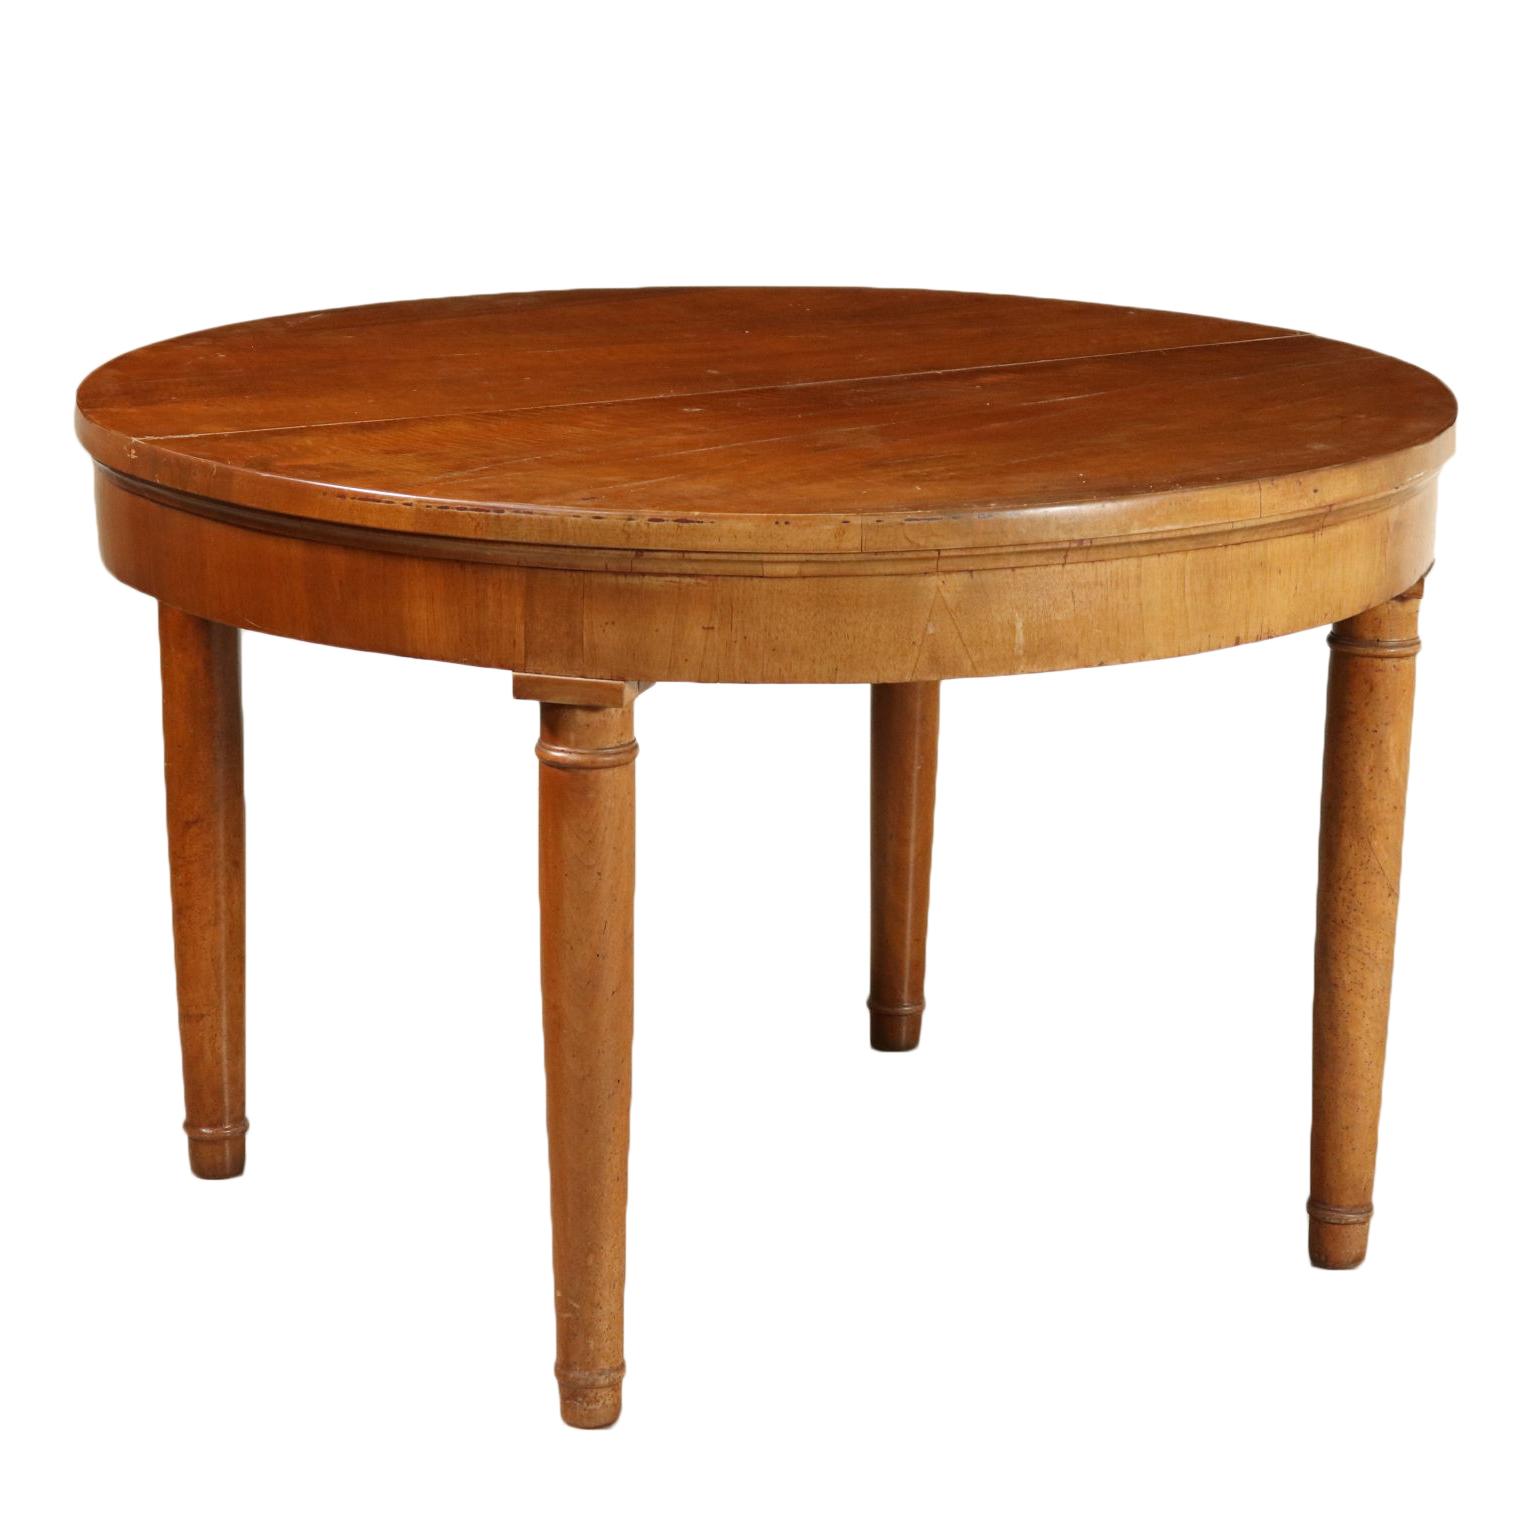 Tavolo Tondo Allungabile In Stile.Round Extending Table Walnut Italy Late 1800s Mobili In Stile